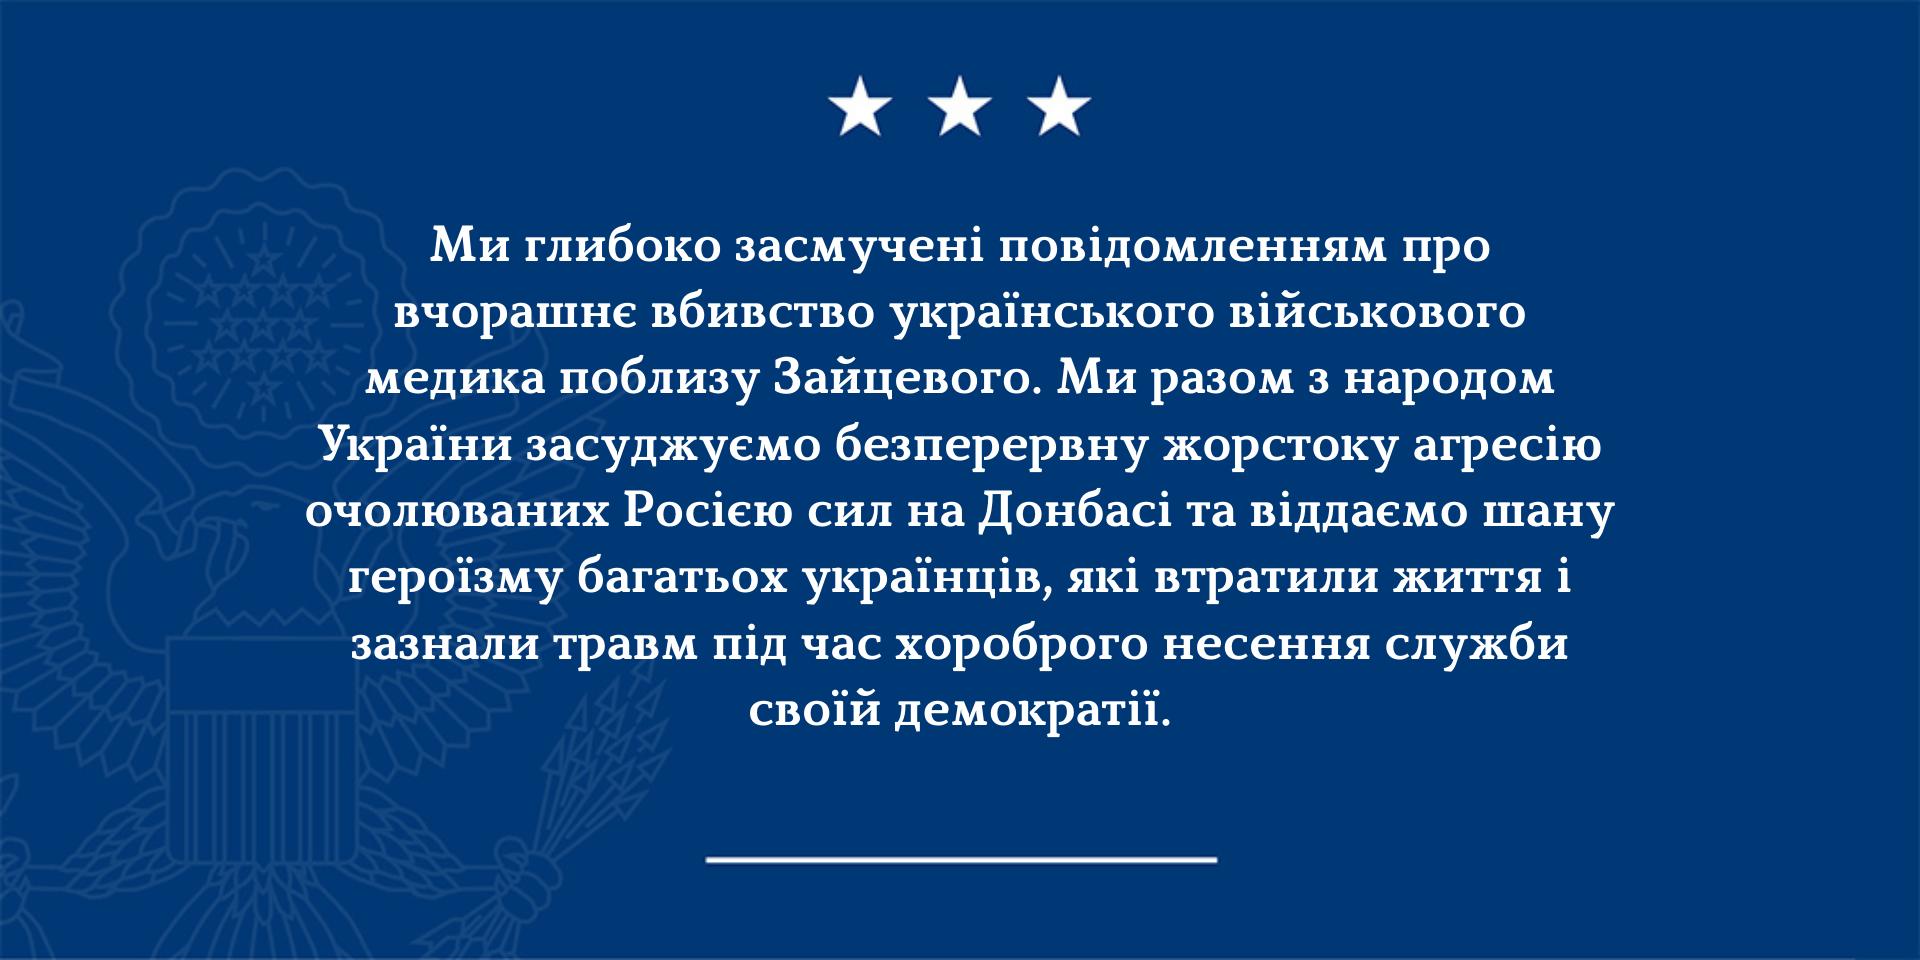 Посольство Сполучених Штатів Америки в Києві осудило окупантів.